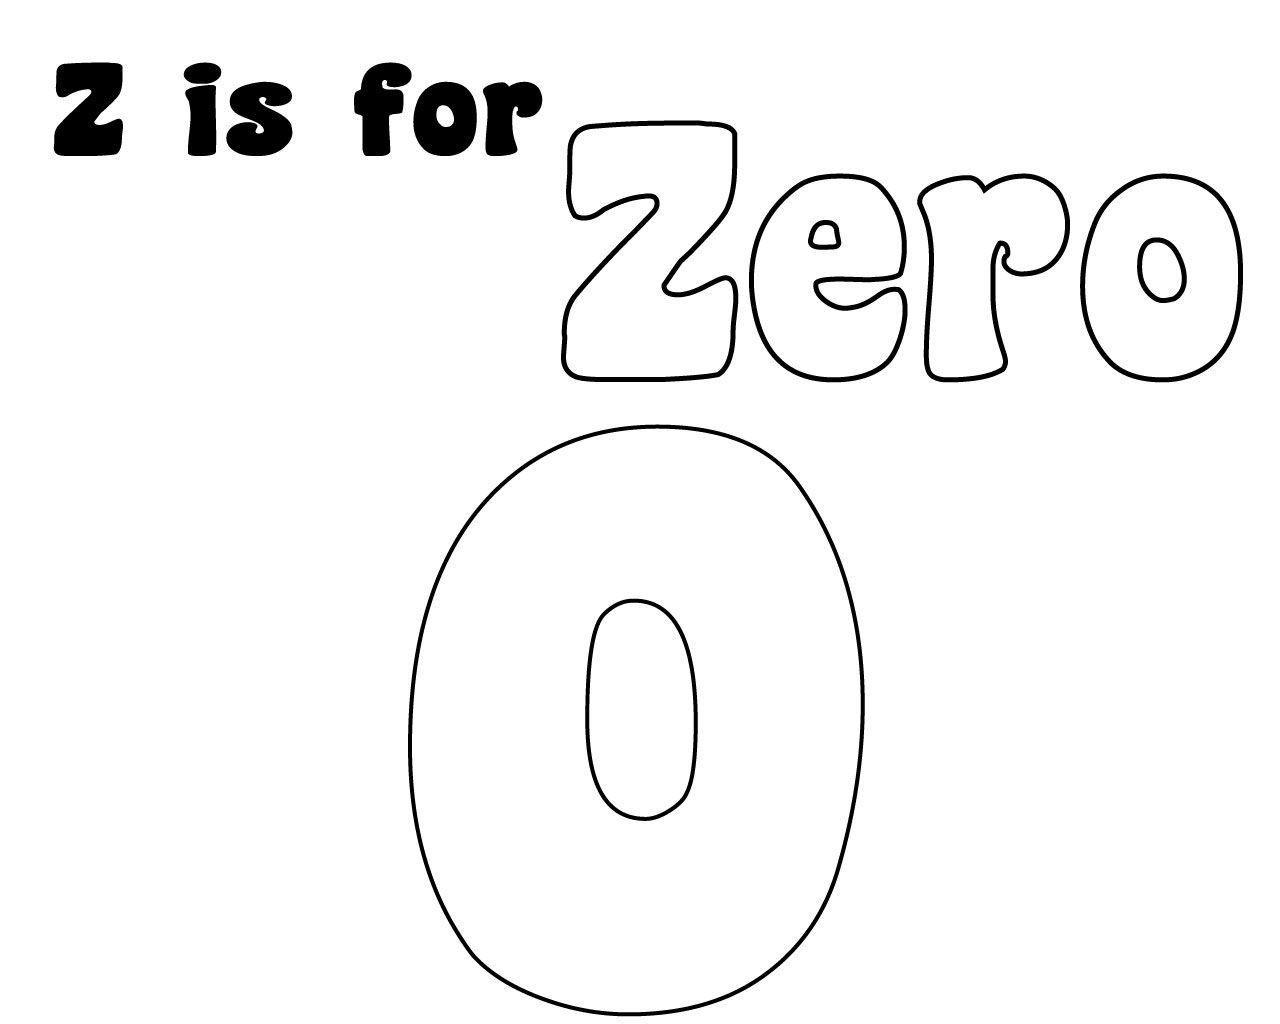 18 Coloring Page Letter Z En 2020 Coloriage A Imprimer Lettres De L Alphabet Imprimables Lettre A